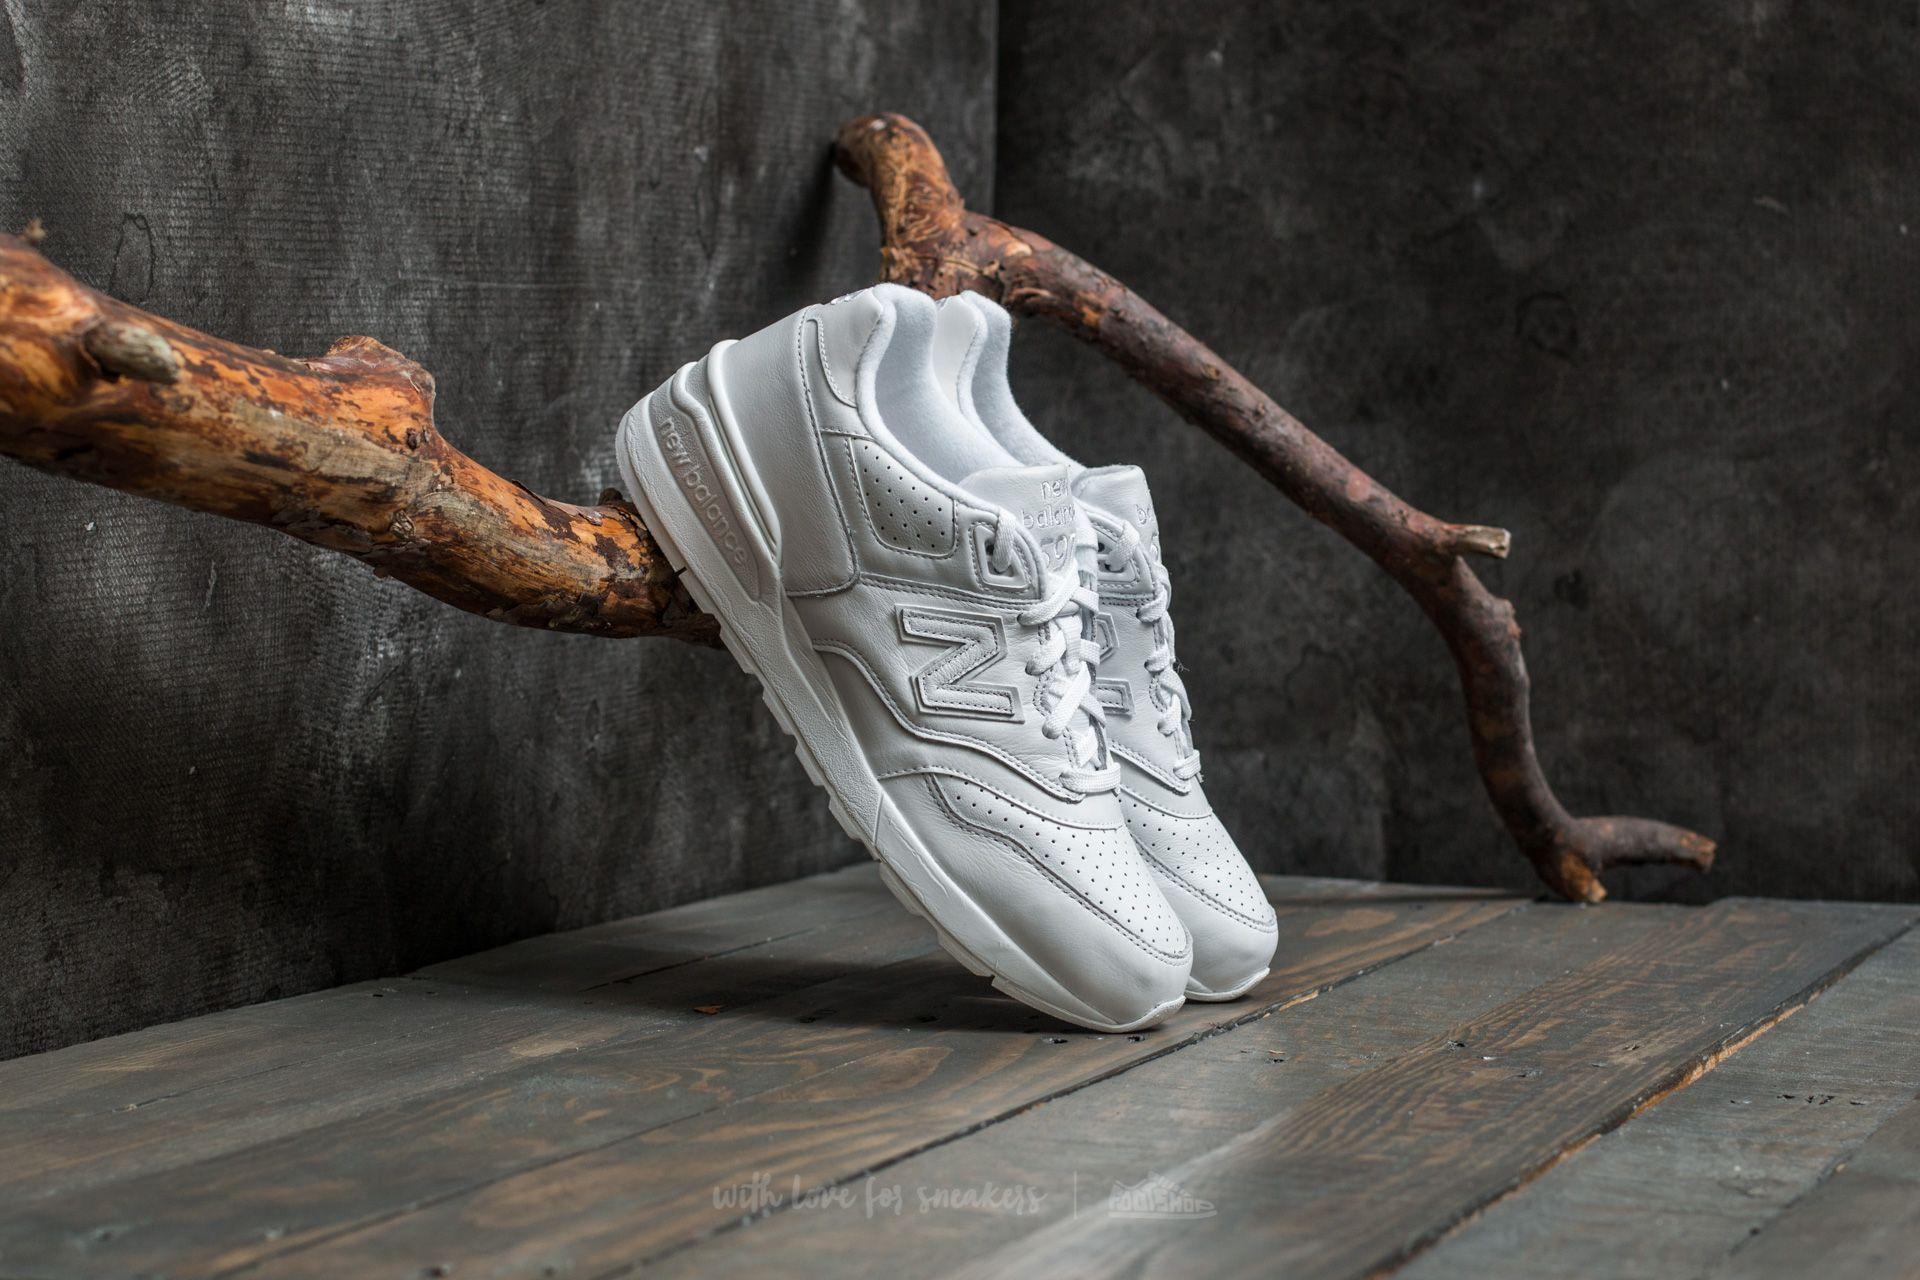 tanie trampki tani sprzedaż usa online New Balance 597 White | Footshop